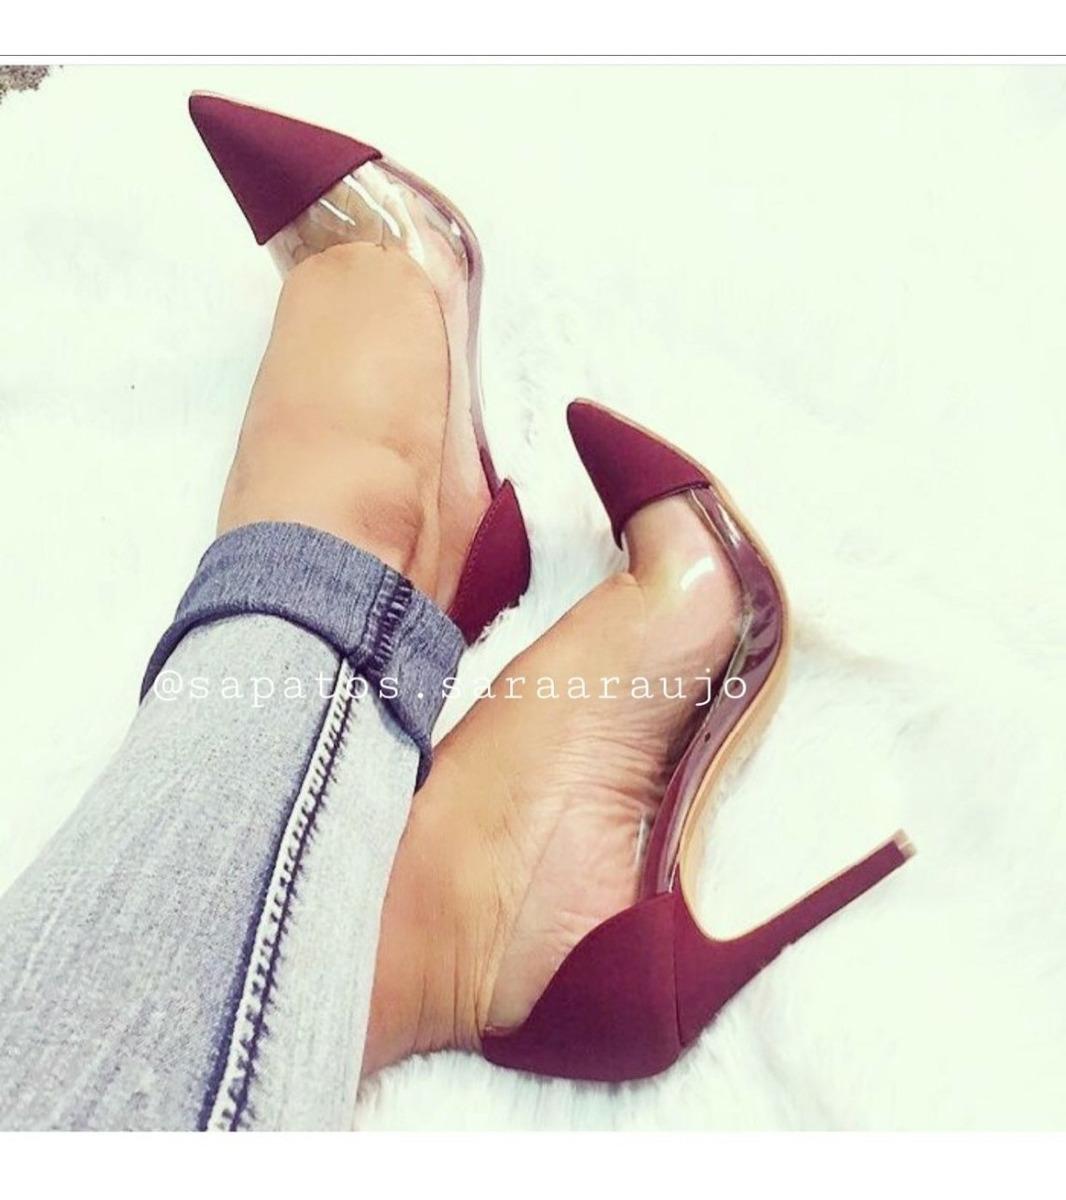 001e8d73d sapatos scarpin vermelho salto alto 11cm vinil transparente. Carregando  zoom.